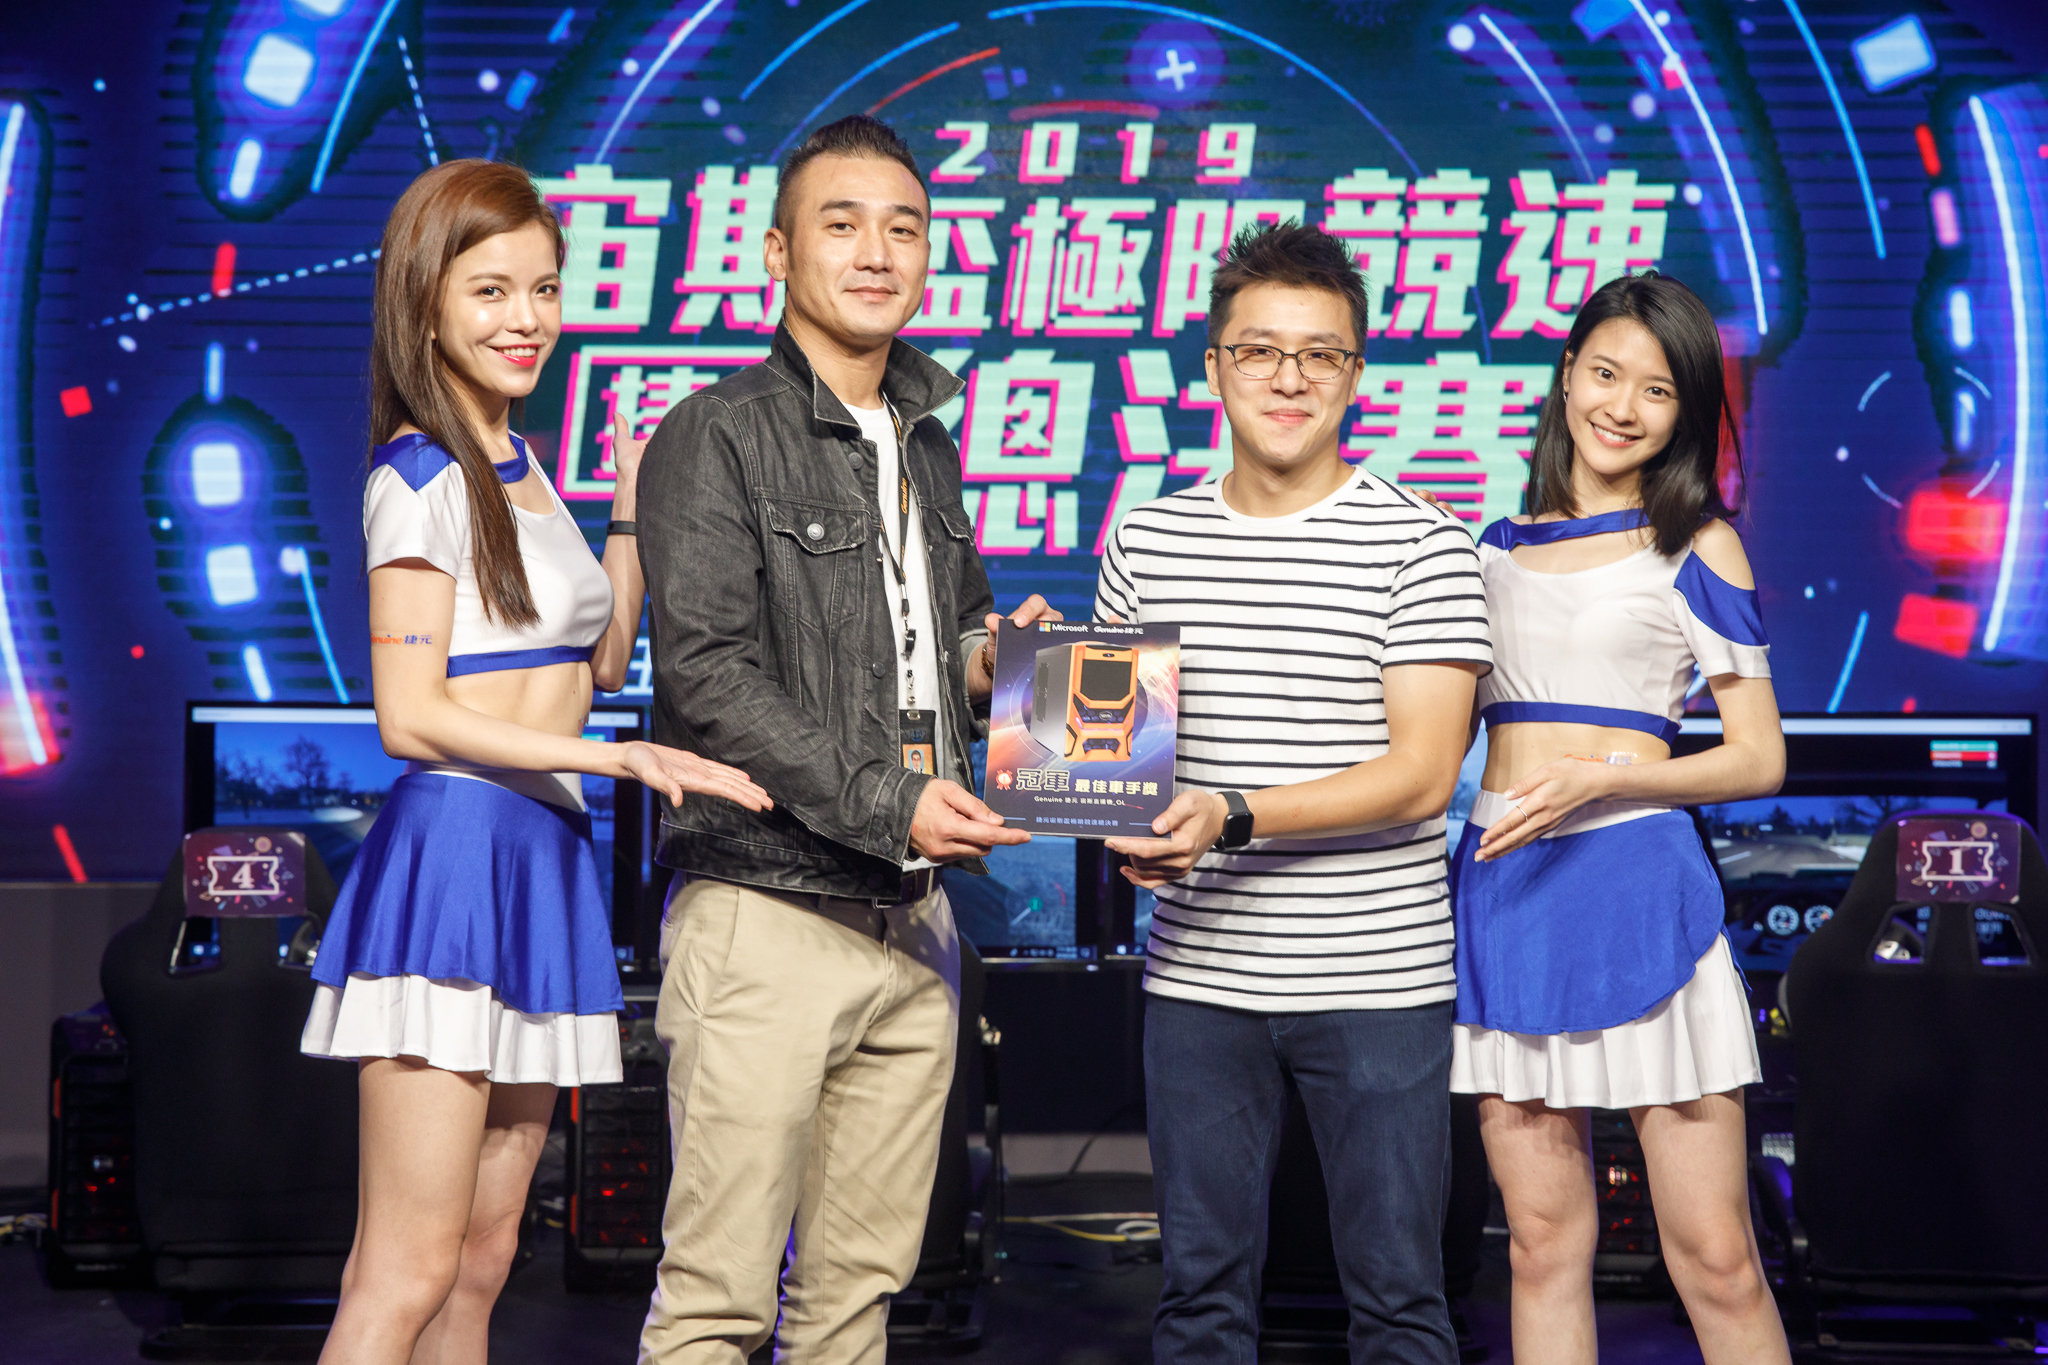 最終「冠軍-最佳車手」由一路過關斬將的劉先生拿下,抱回了超過4萬元的元宙斯Real直播機大獎。